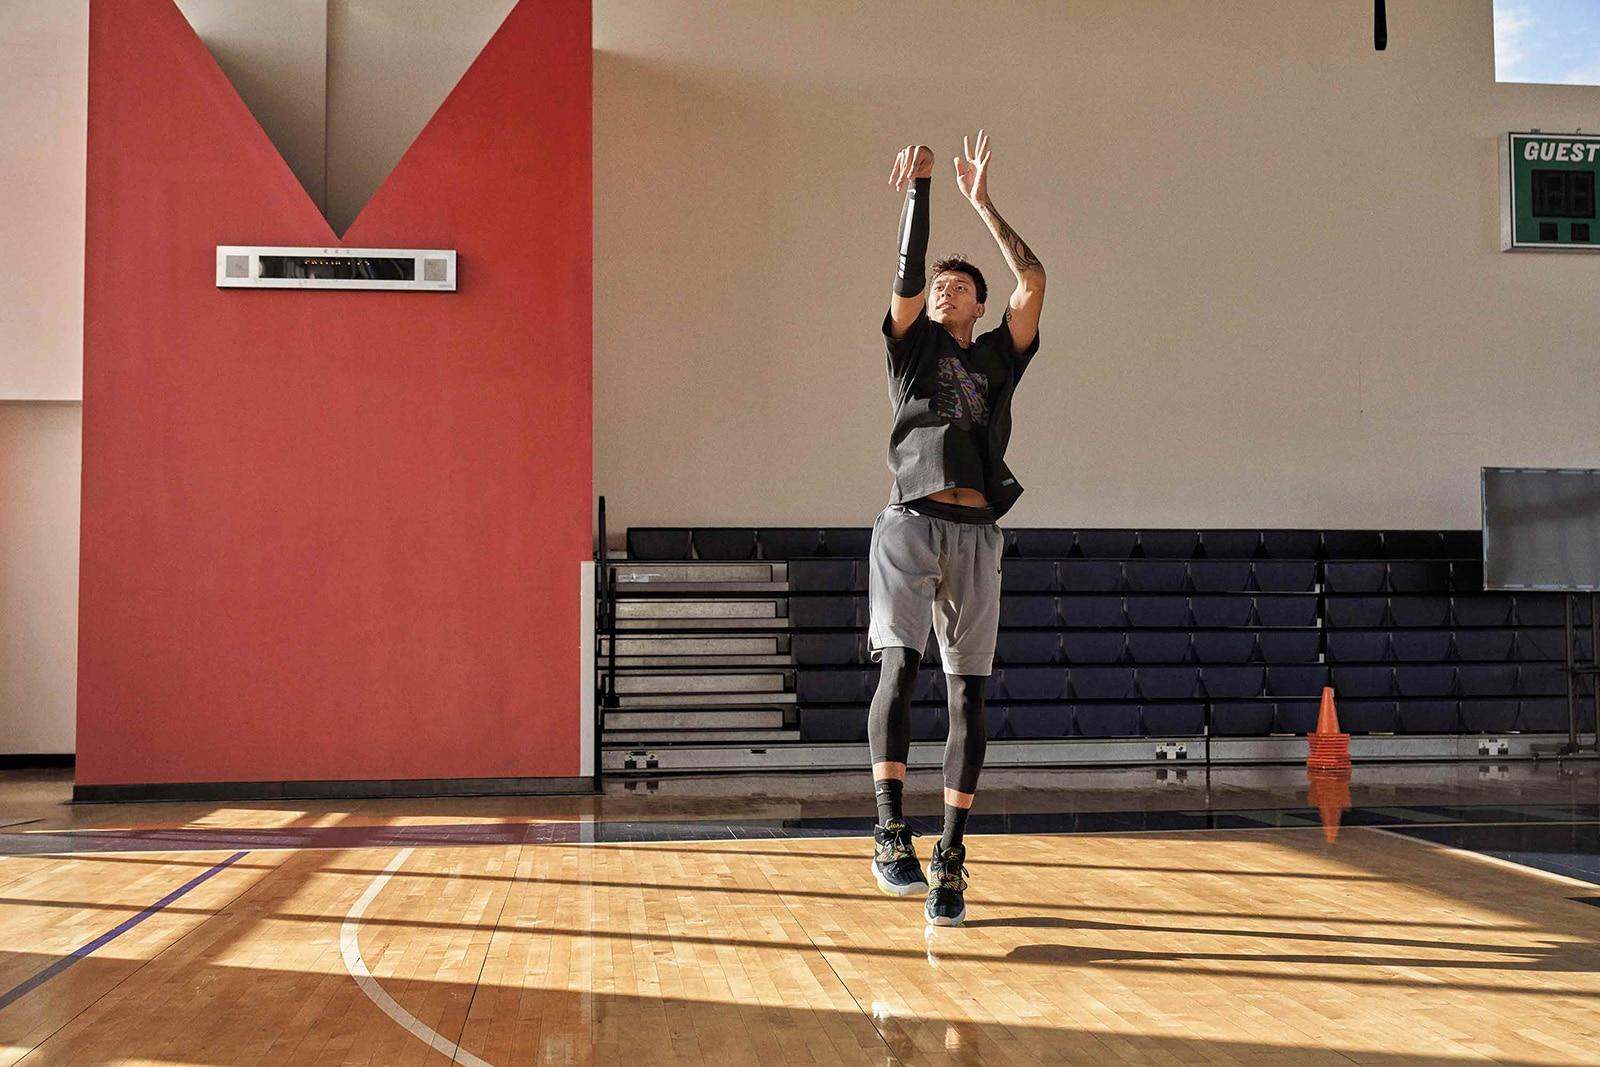 Обувь для игры в баскетбол